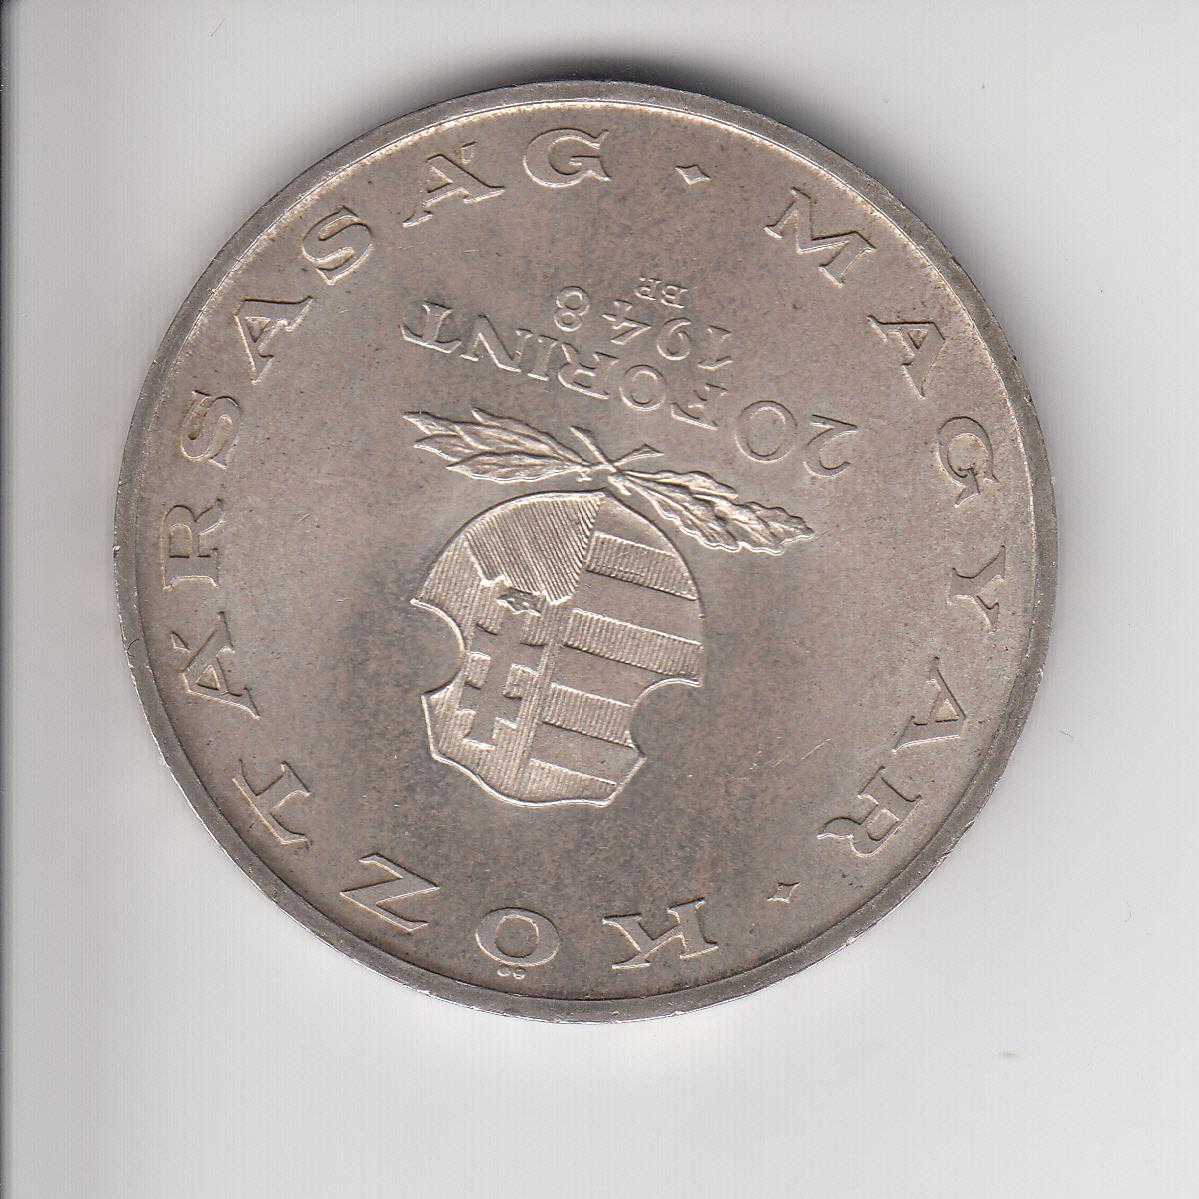 Tancsics 20 Forint